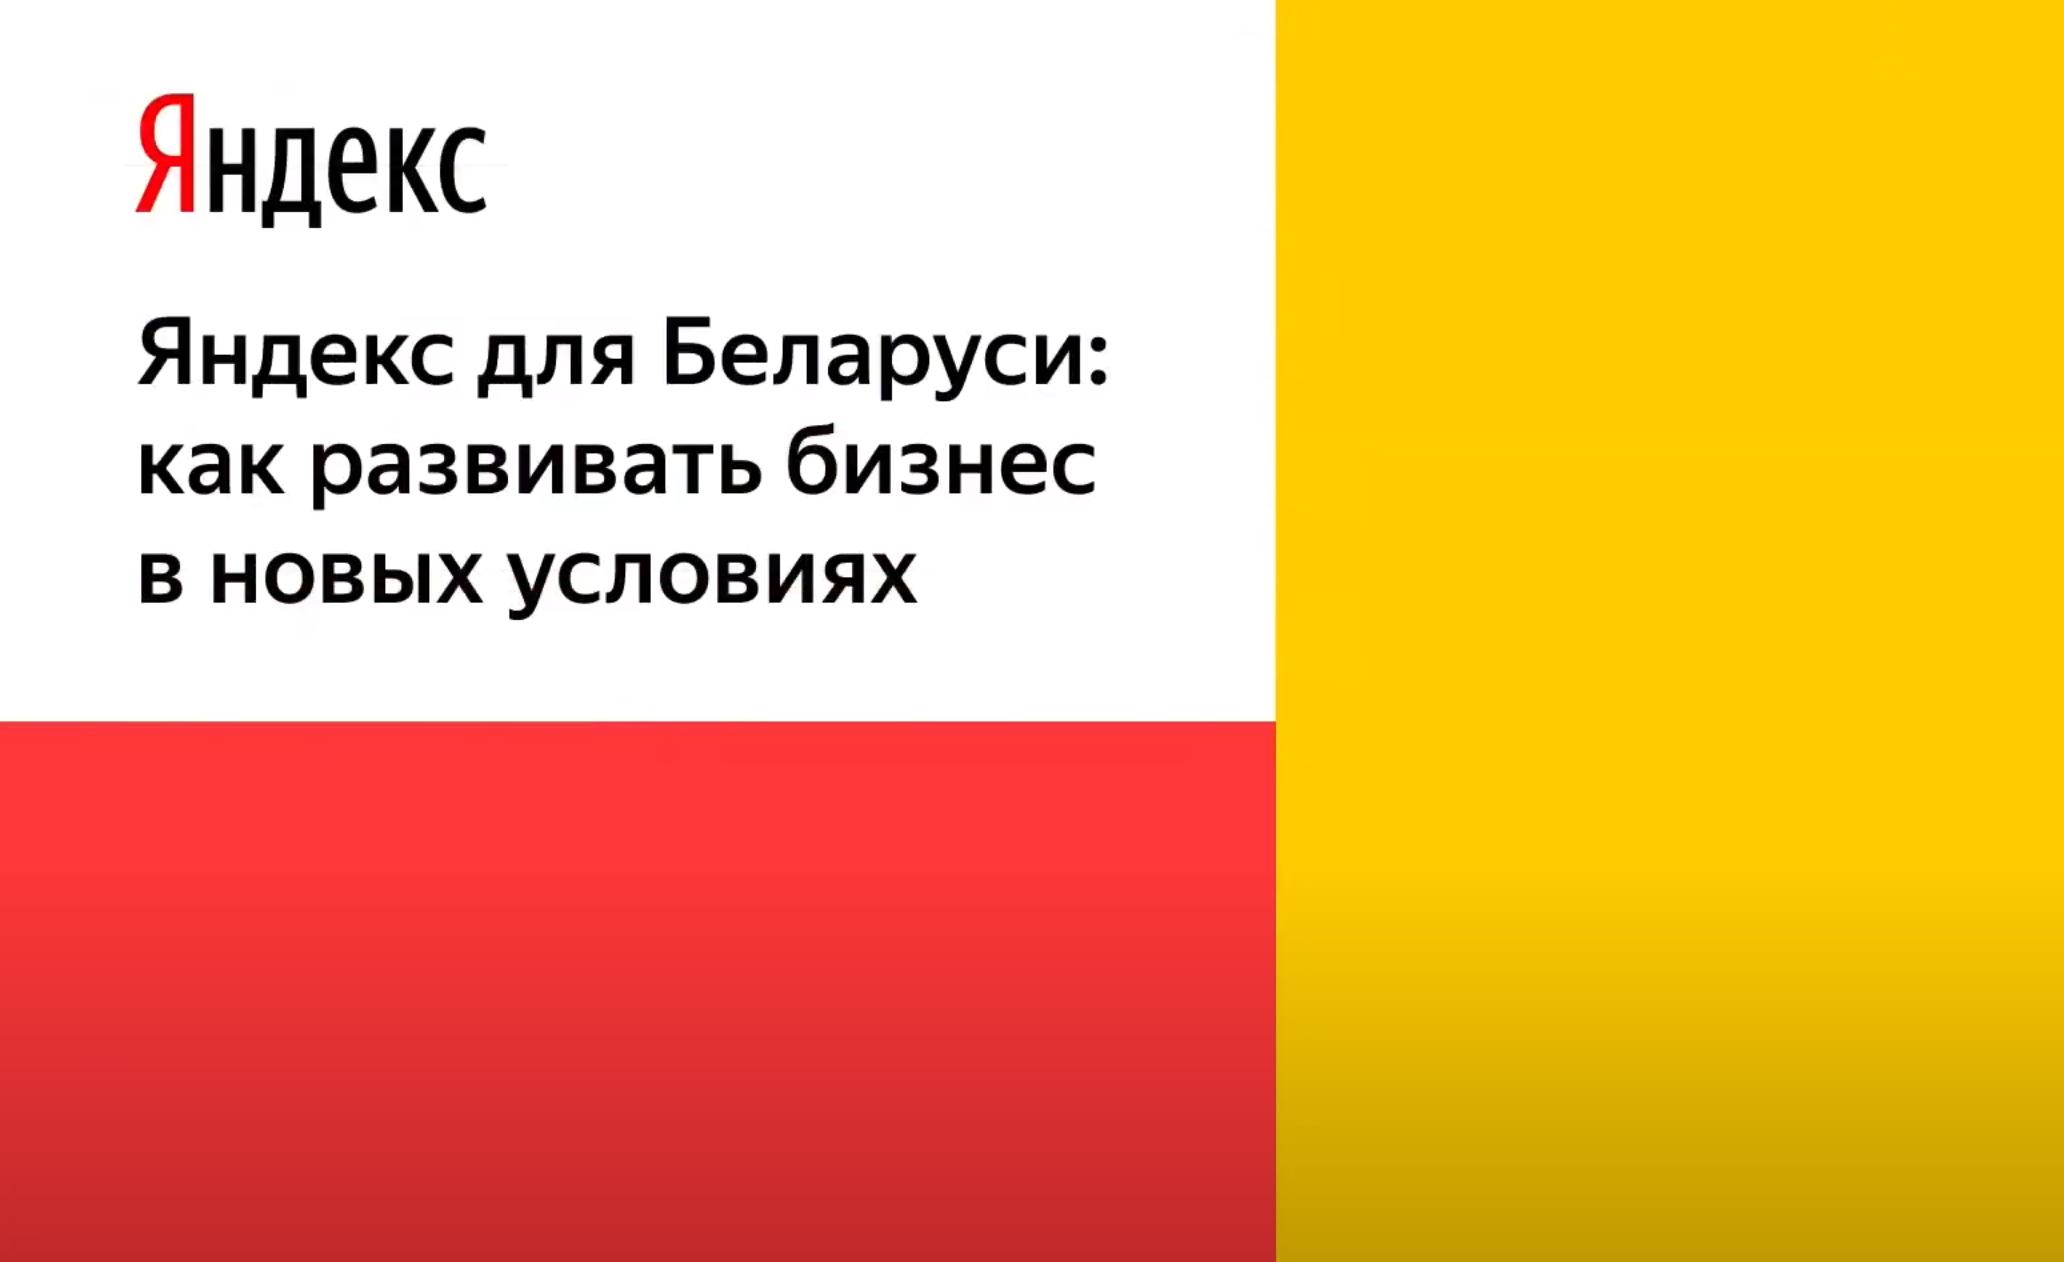 Яндекс для Беларуси: как развивать бизнес в новых условиях